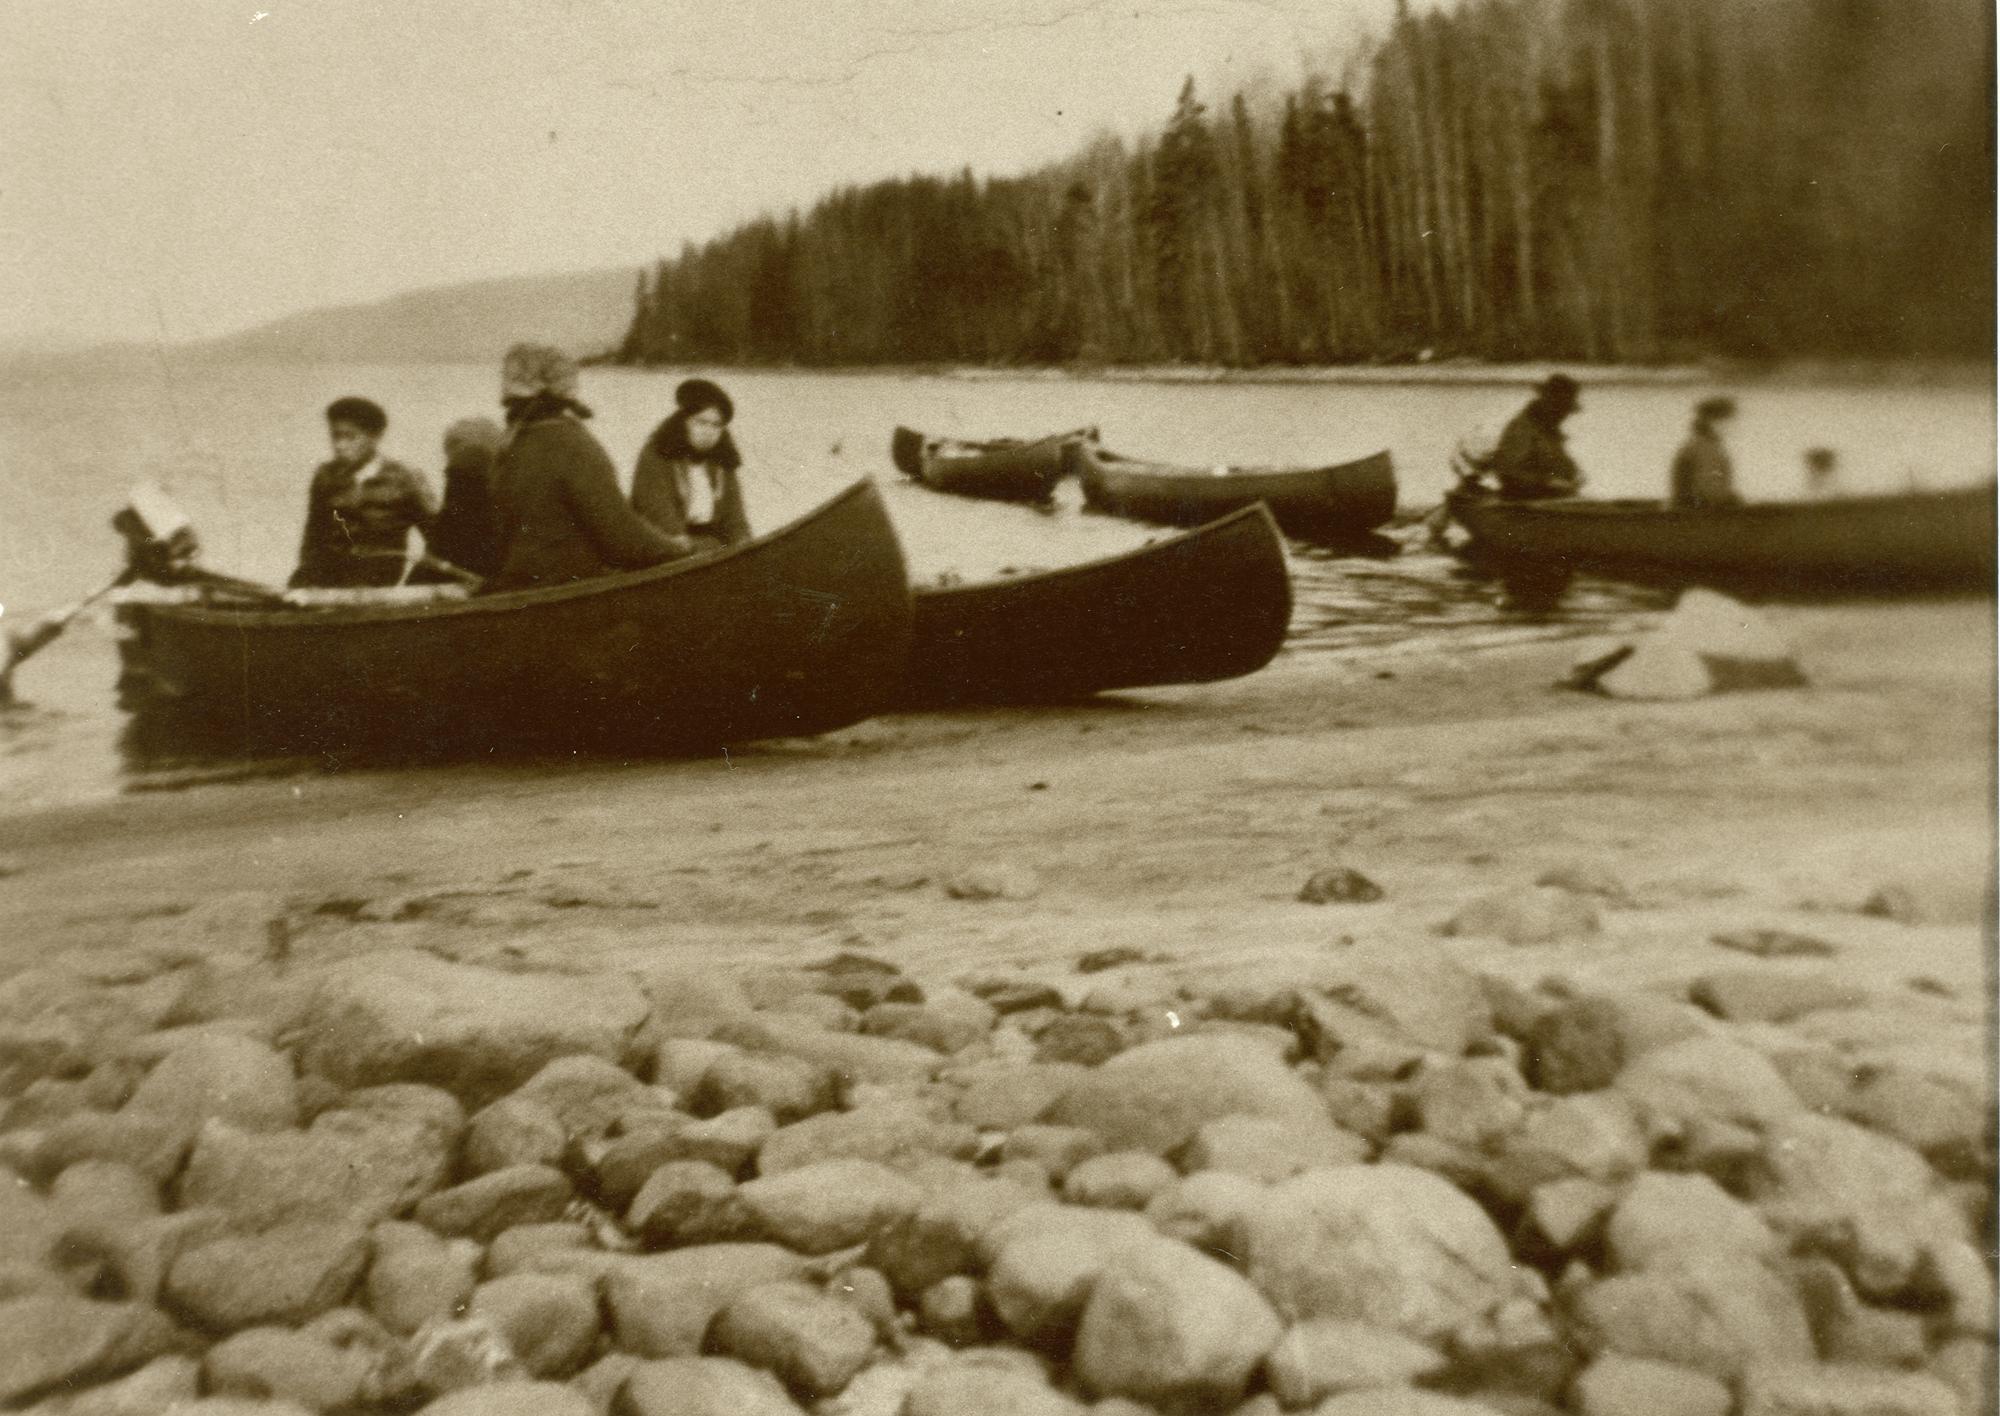 Photo en noir et blanc, quelques canots sur le bord du rivage.  Les personnes sont prêtes à partir à la pêche.